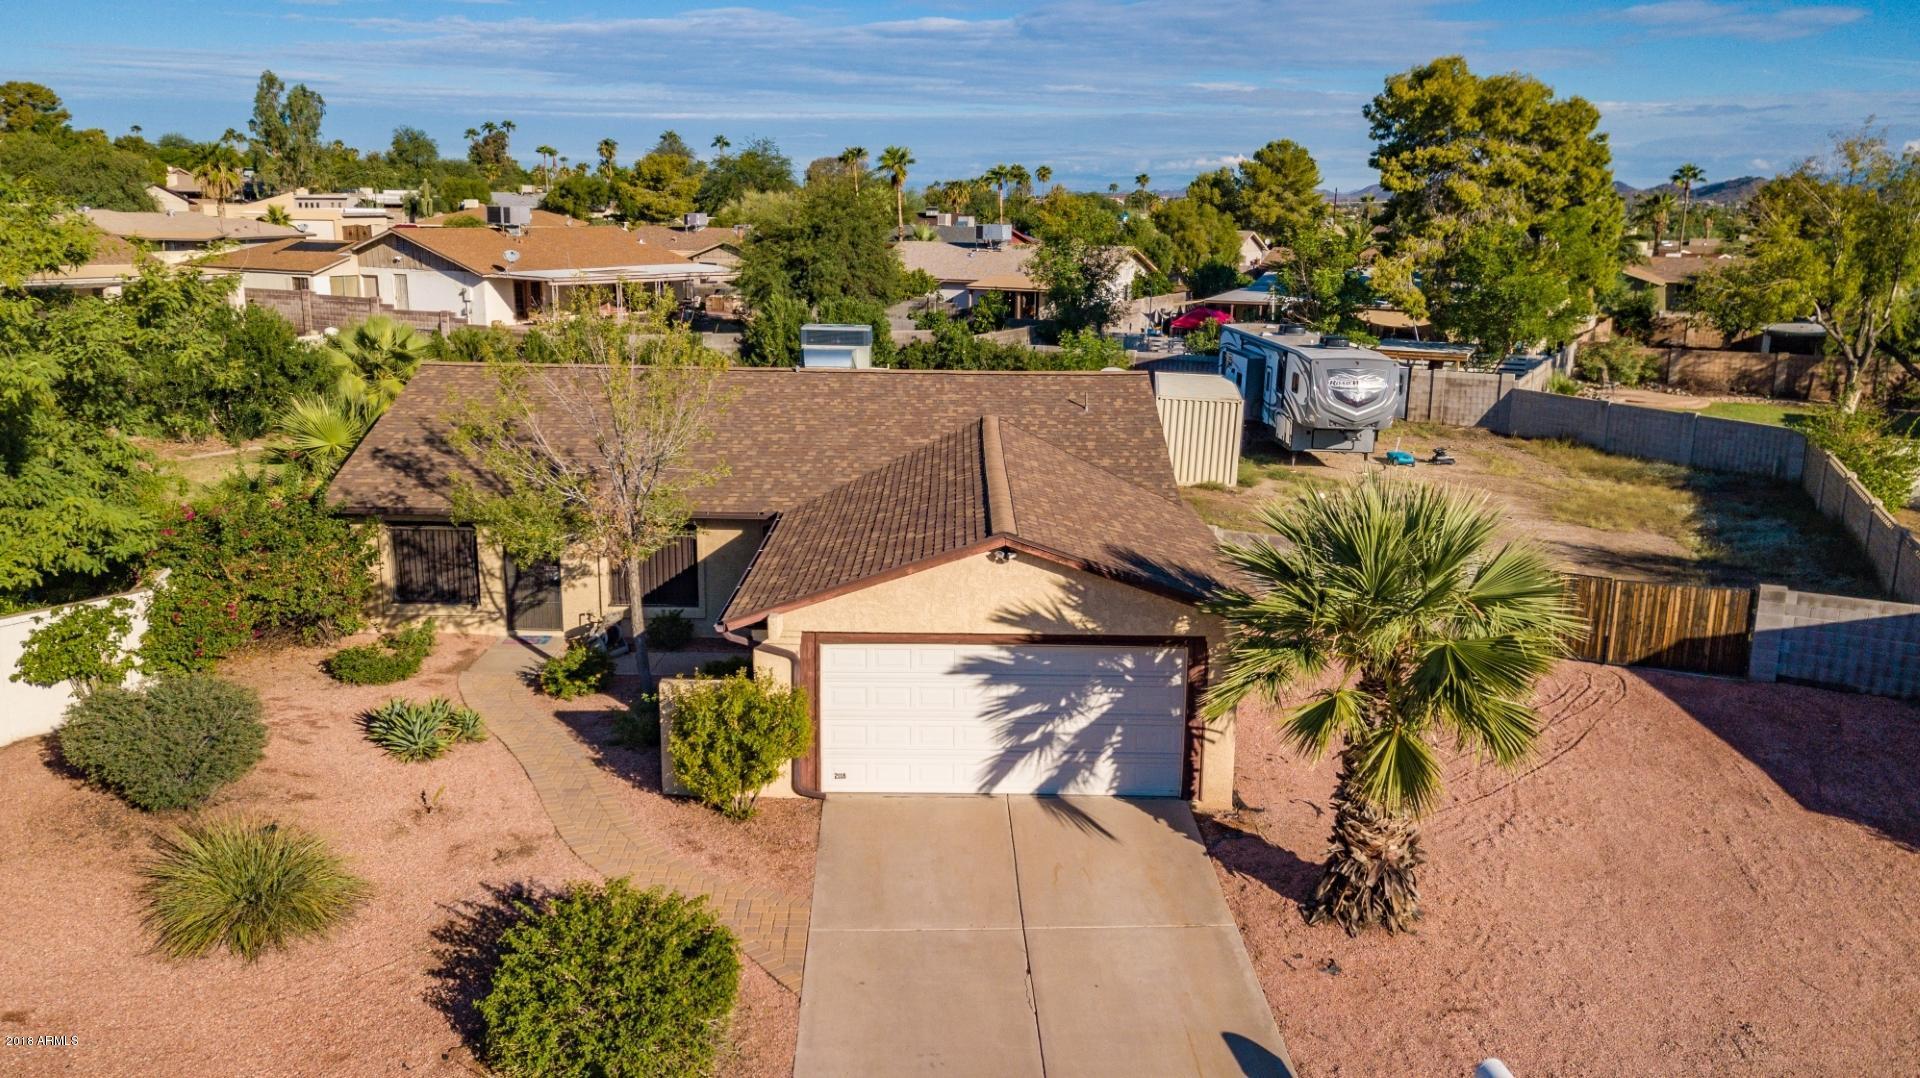 MLS 5832796 2118 E BLANCHE Drive, Phoenix, AZ 85022 Phoenix AZ Lookout Mountain